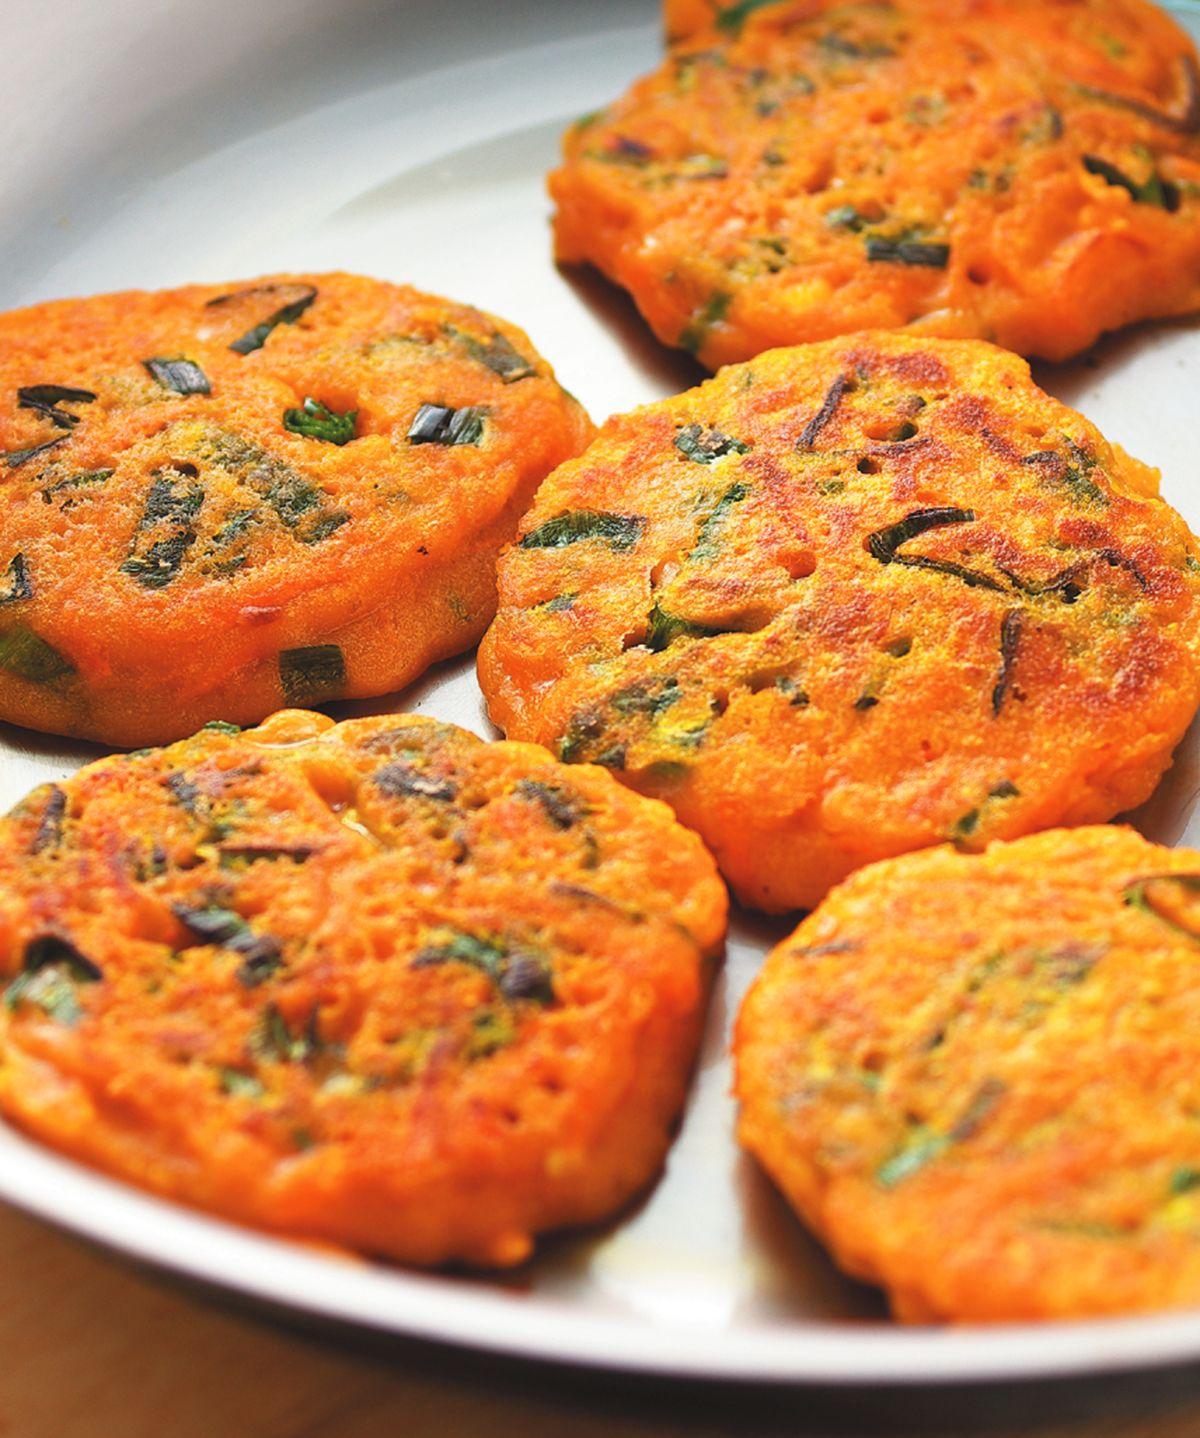 食譜:紅蘿蔔絲煎餅